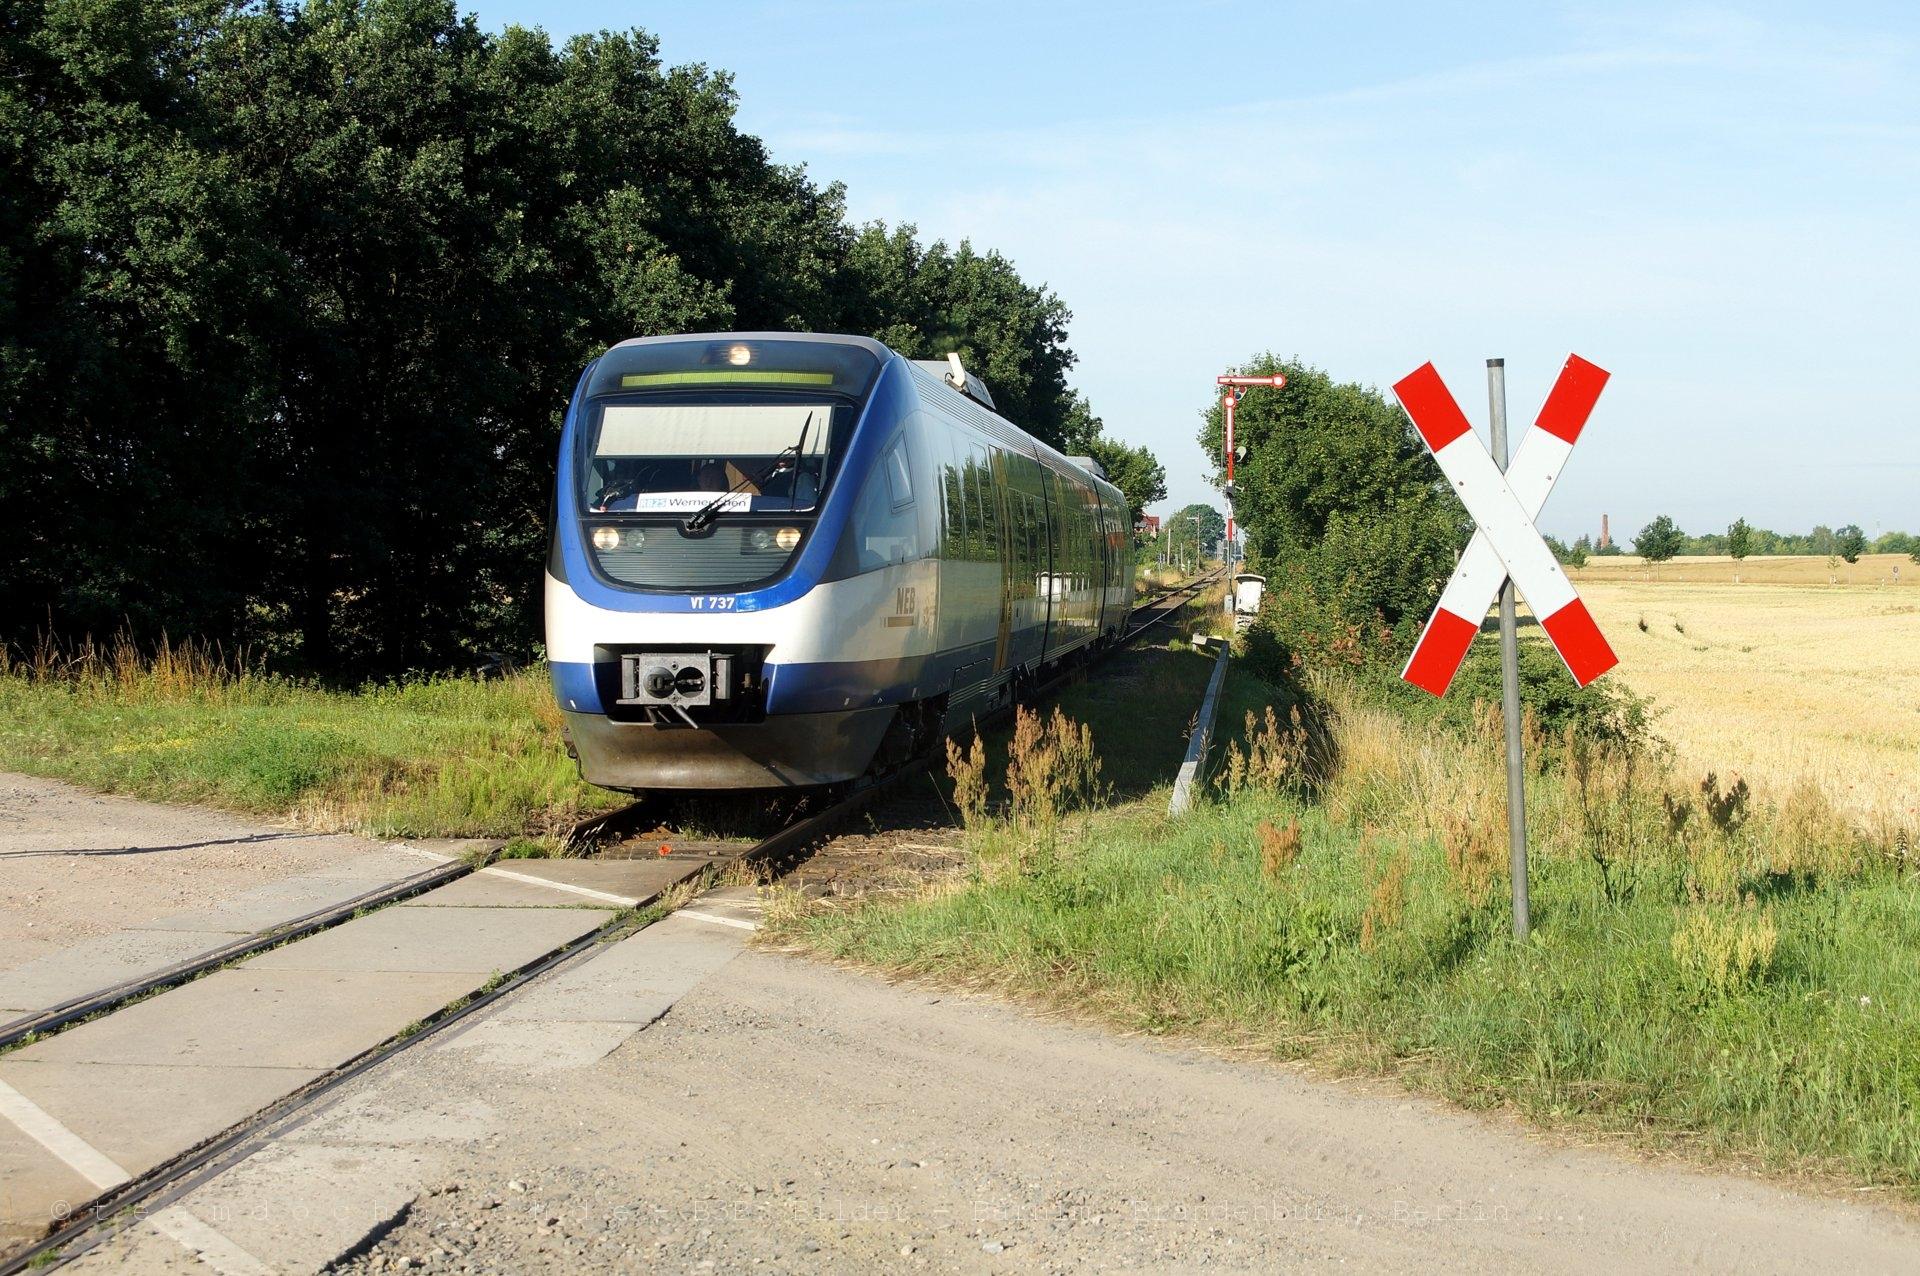 VT737 der NEB in Blumberg kurz vor der Schloßparksiedlung